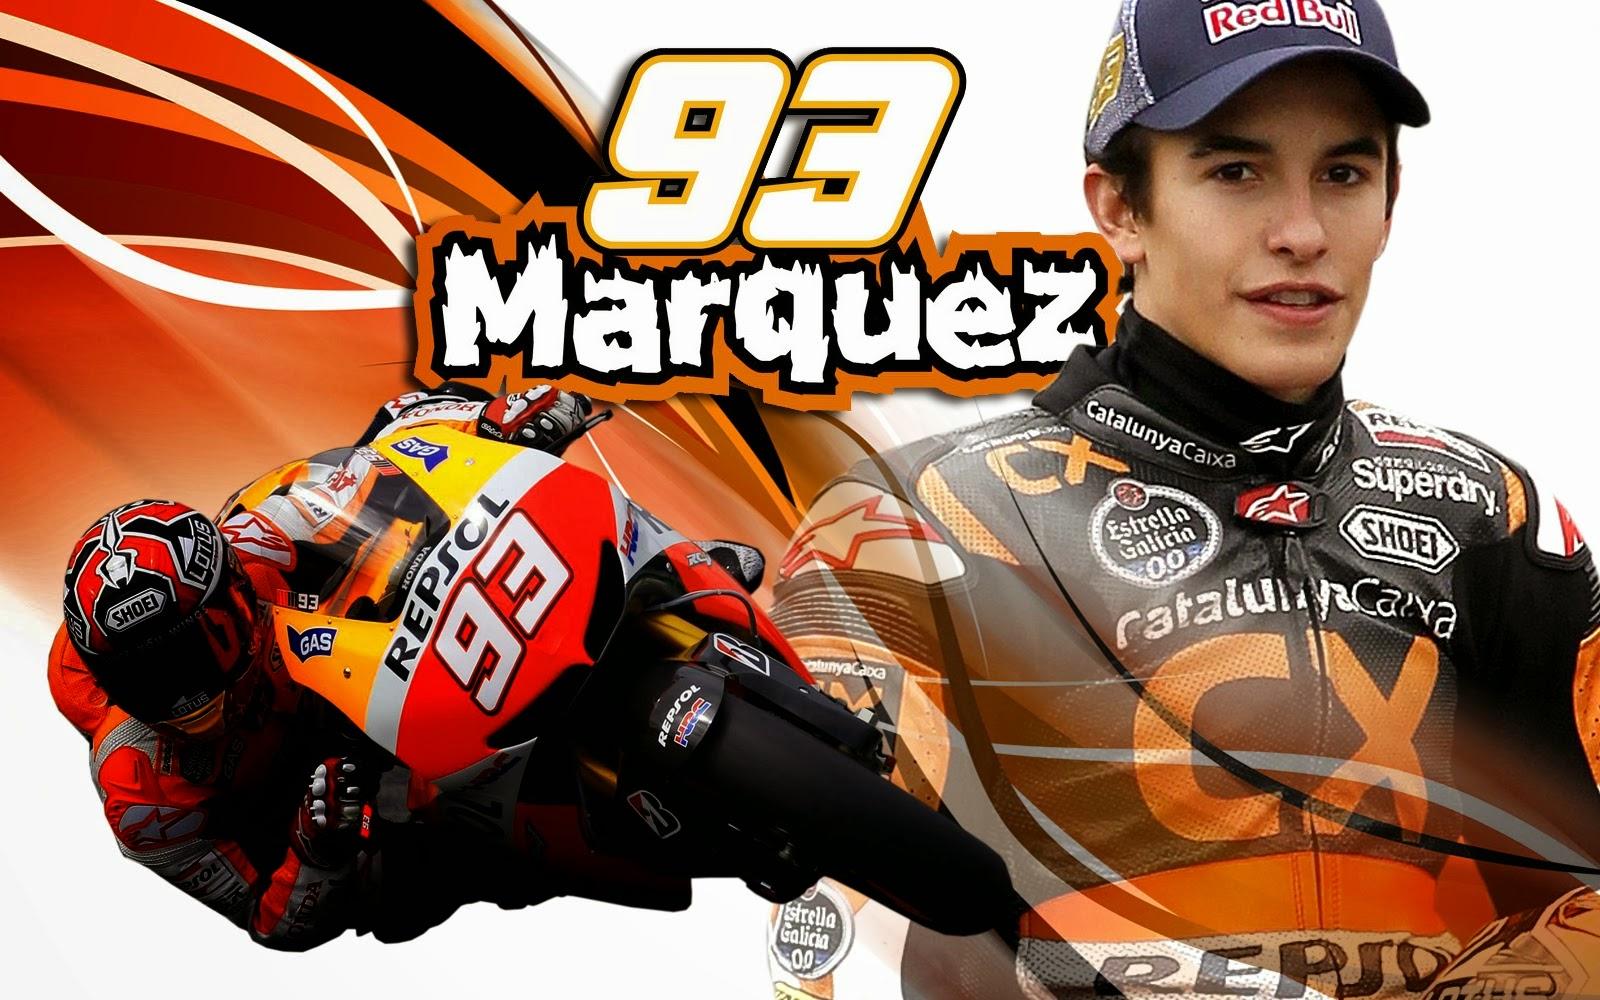 Koleksi Foto Marc Marquez MotoGP 2017 Foto Gambar Terbaru